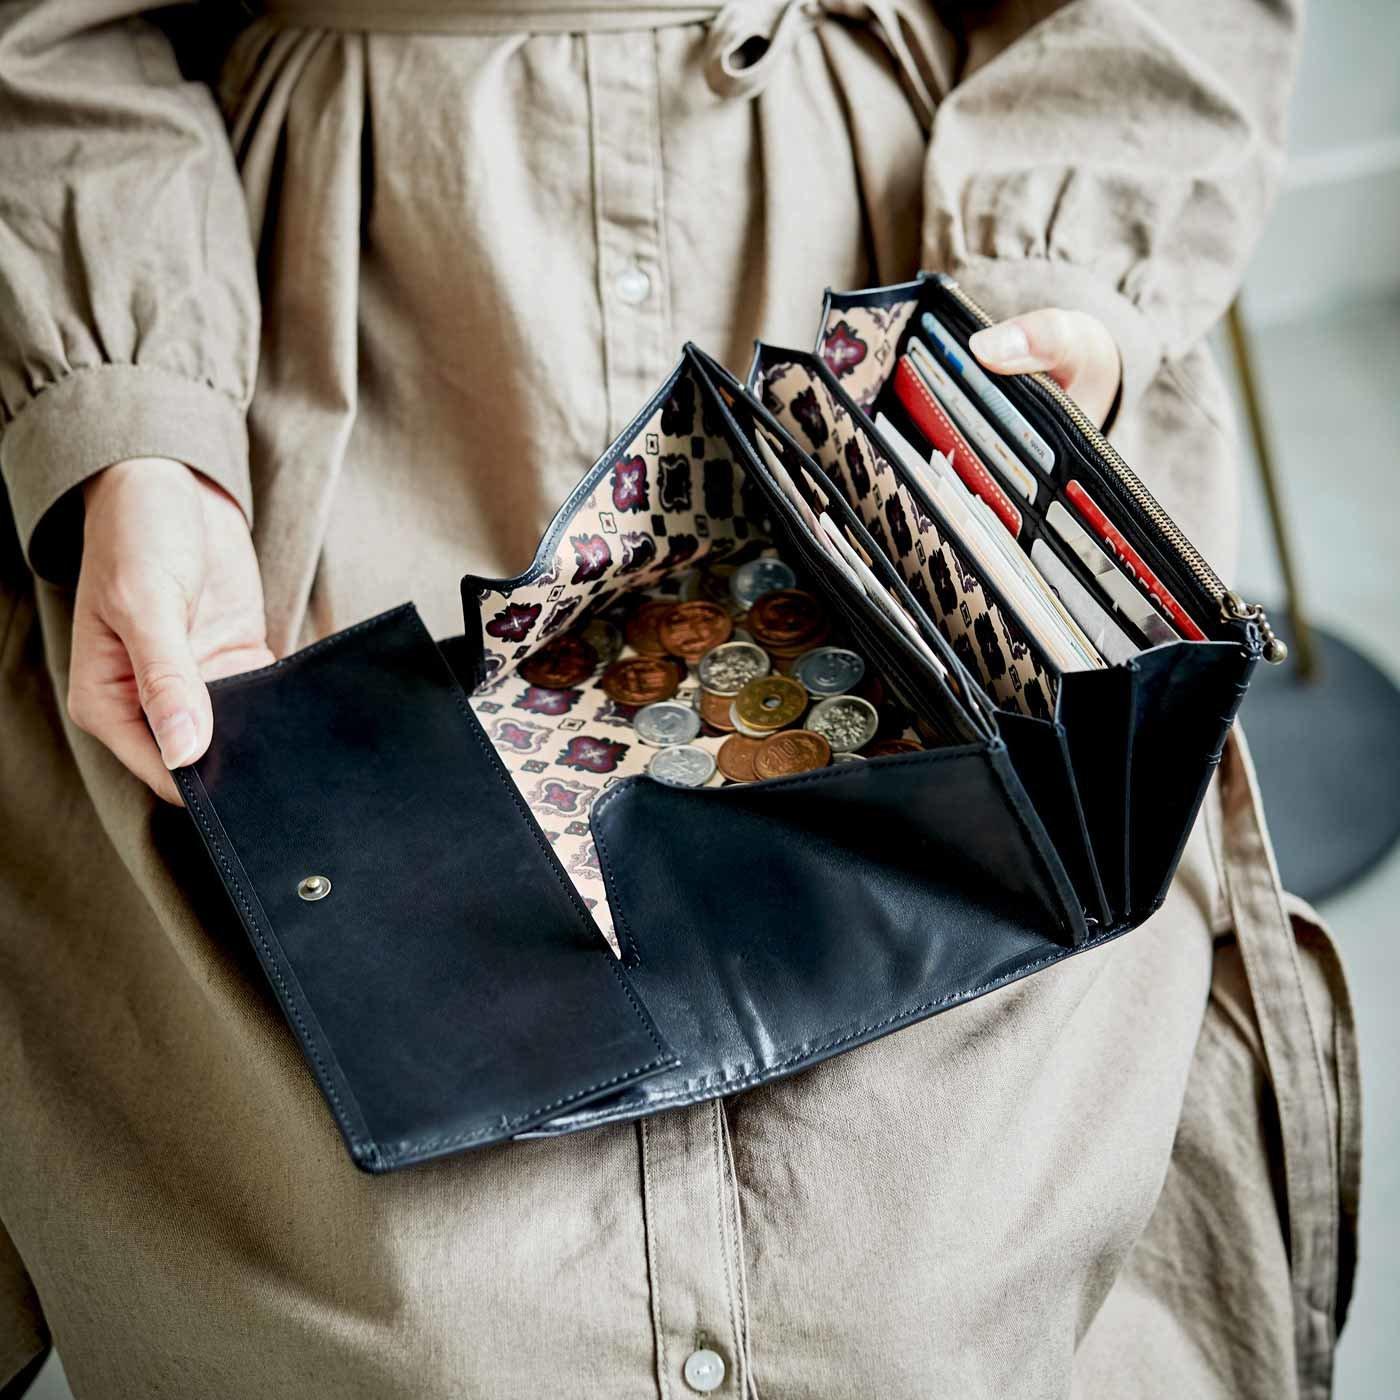 職人仕上げの馬革ギャルソン財布〈黒鍵色〉[本革 財布:日本製]